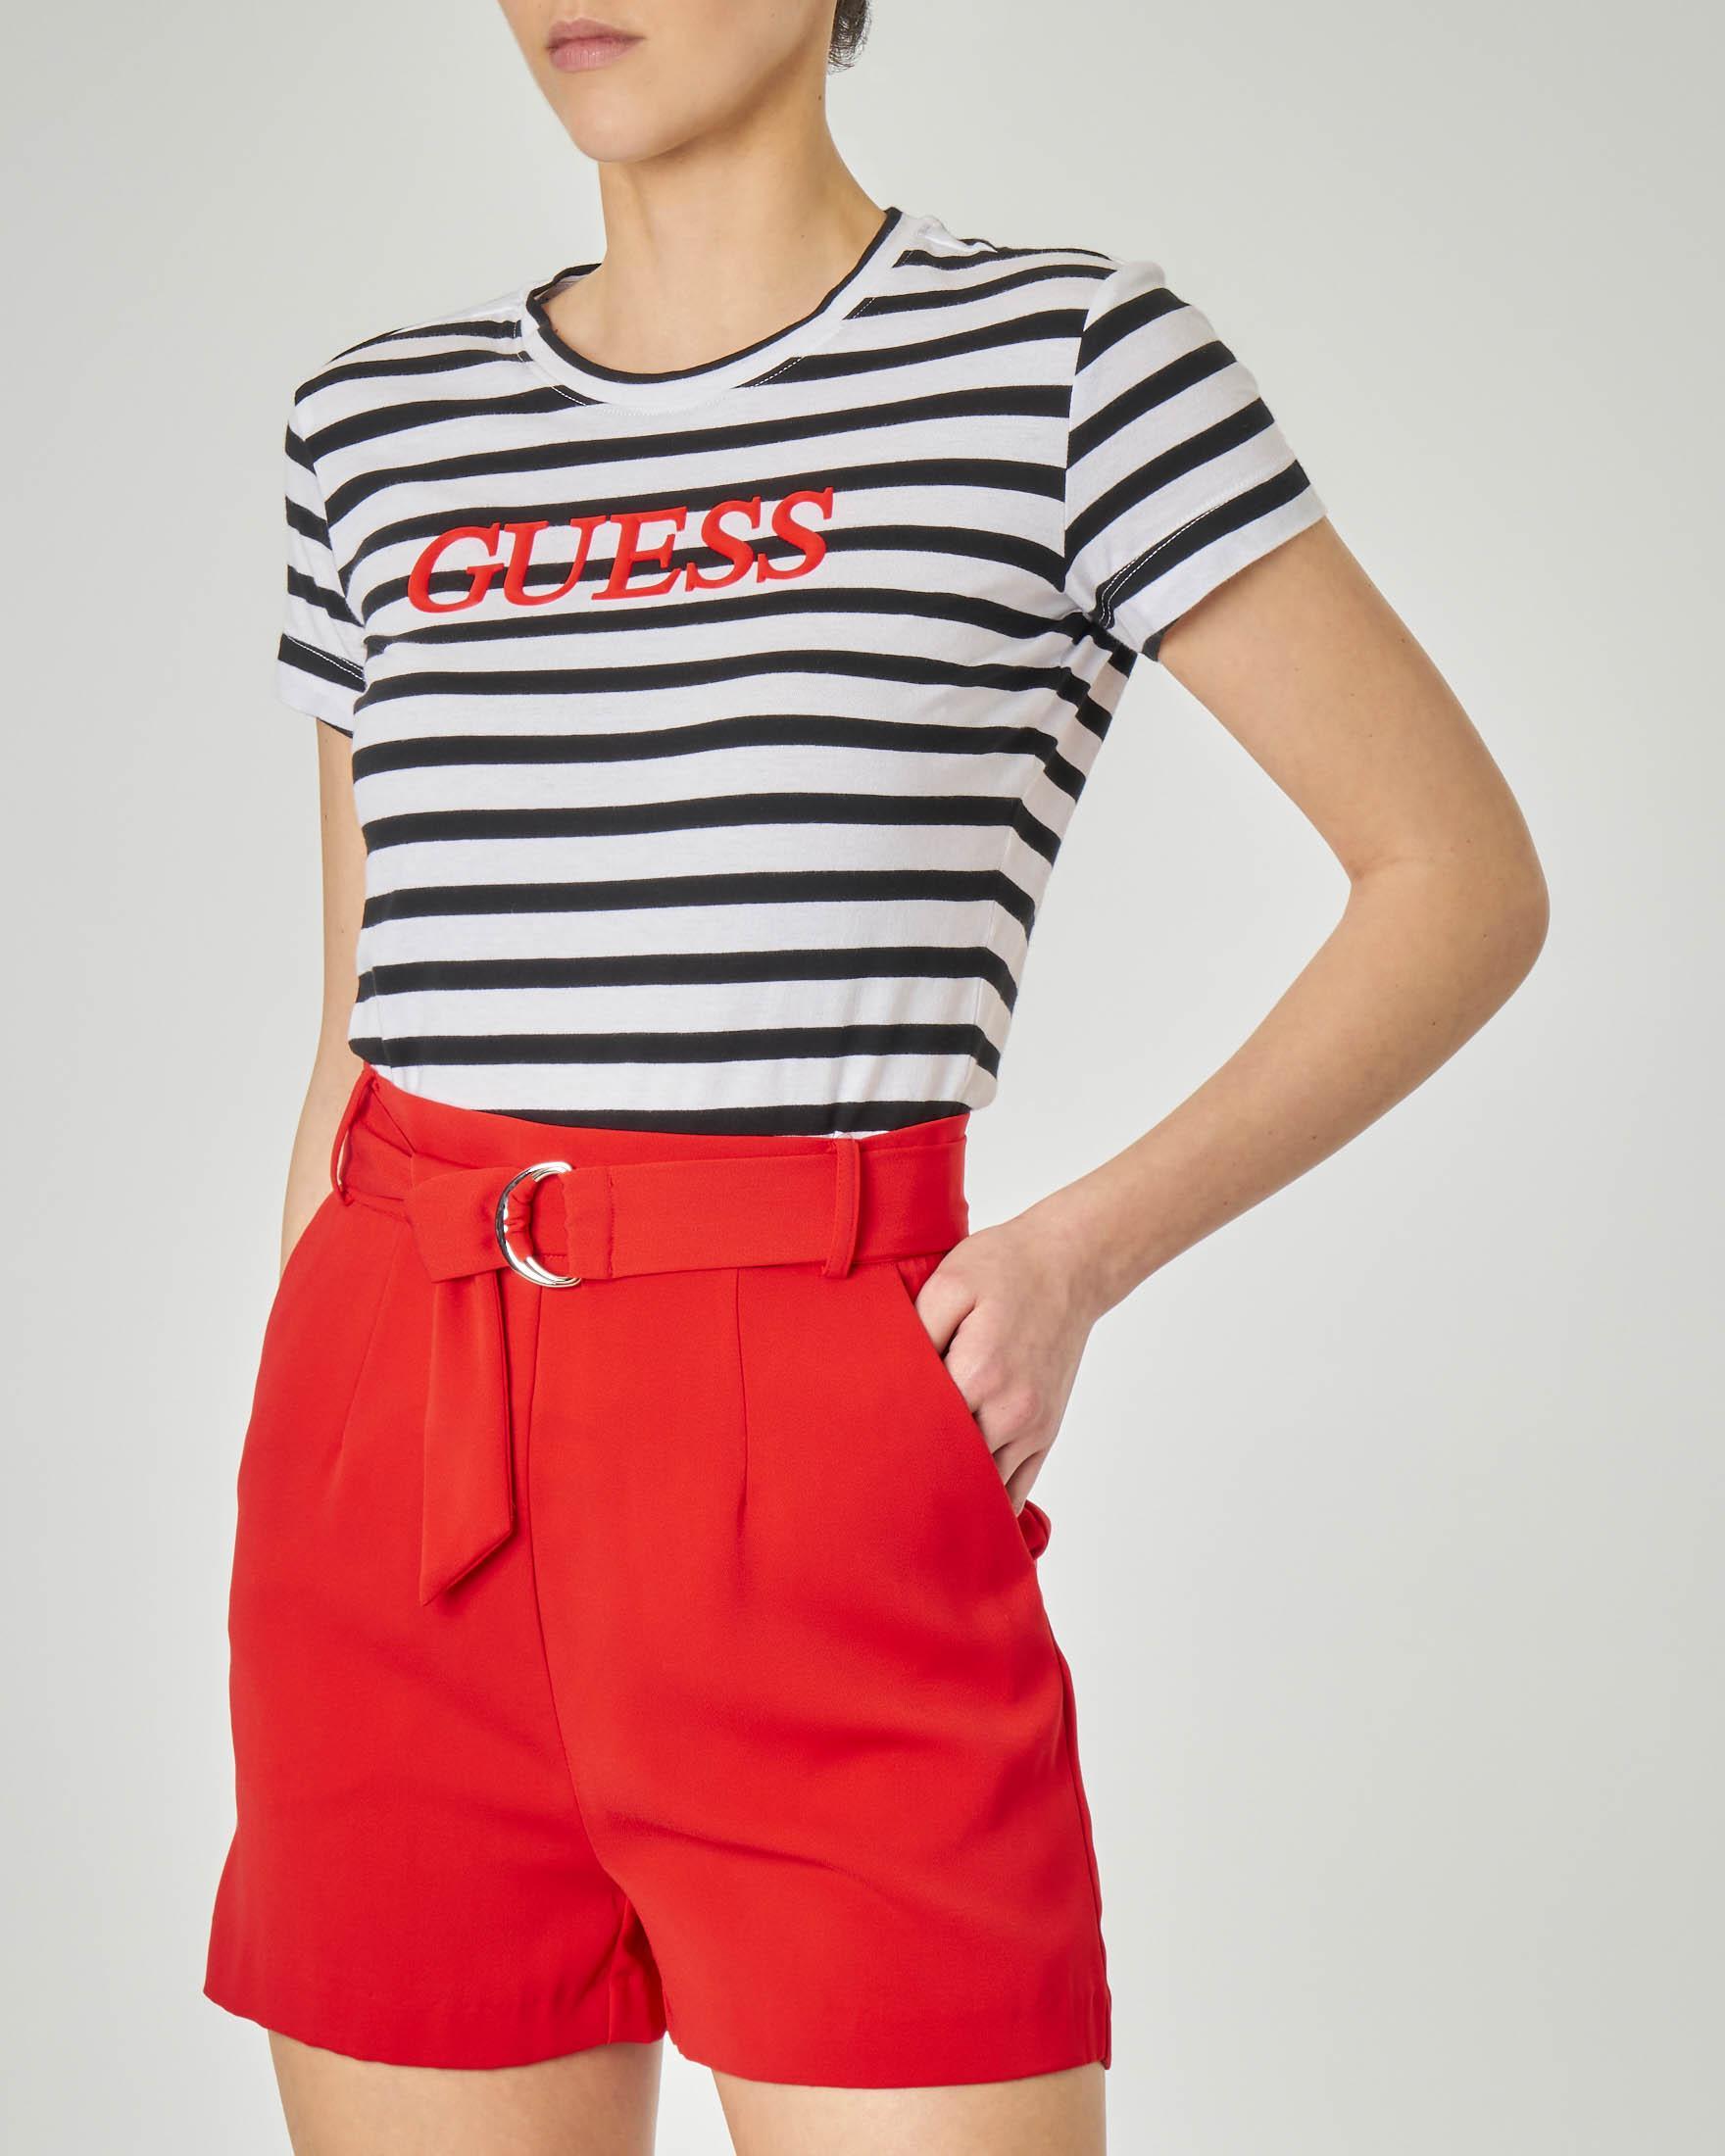 T-shirt maniche corte a righe bianche e nere con logo a contrasto